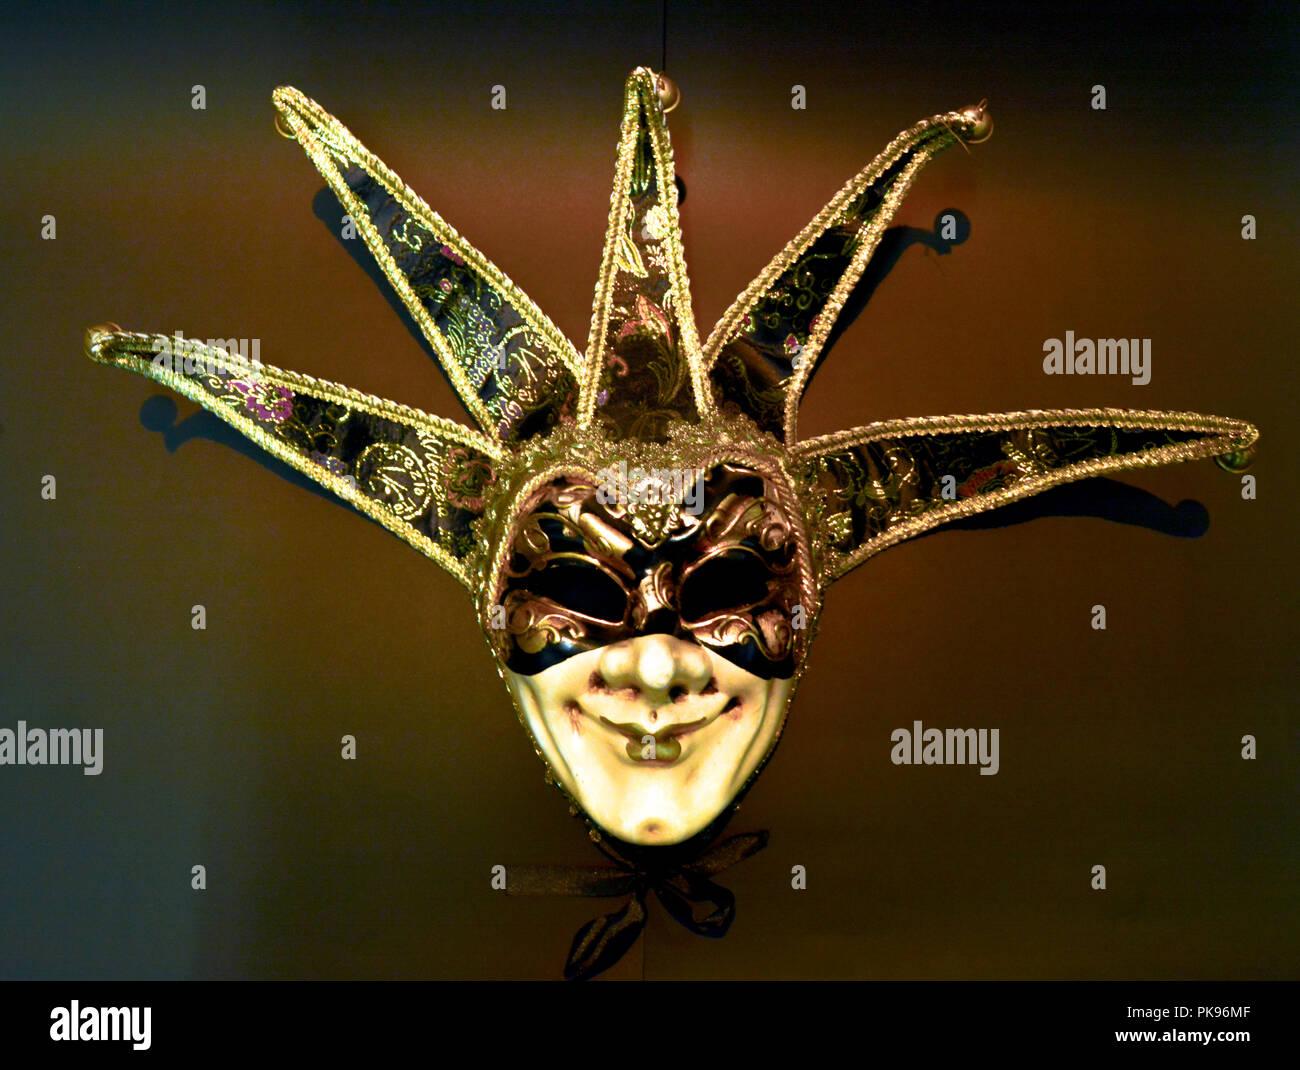 Schuhwerk am besten geliebt Sonderrabatt von Venezianische Maske Für Männer Stockfotos & Venezianische ...